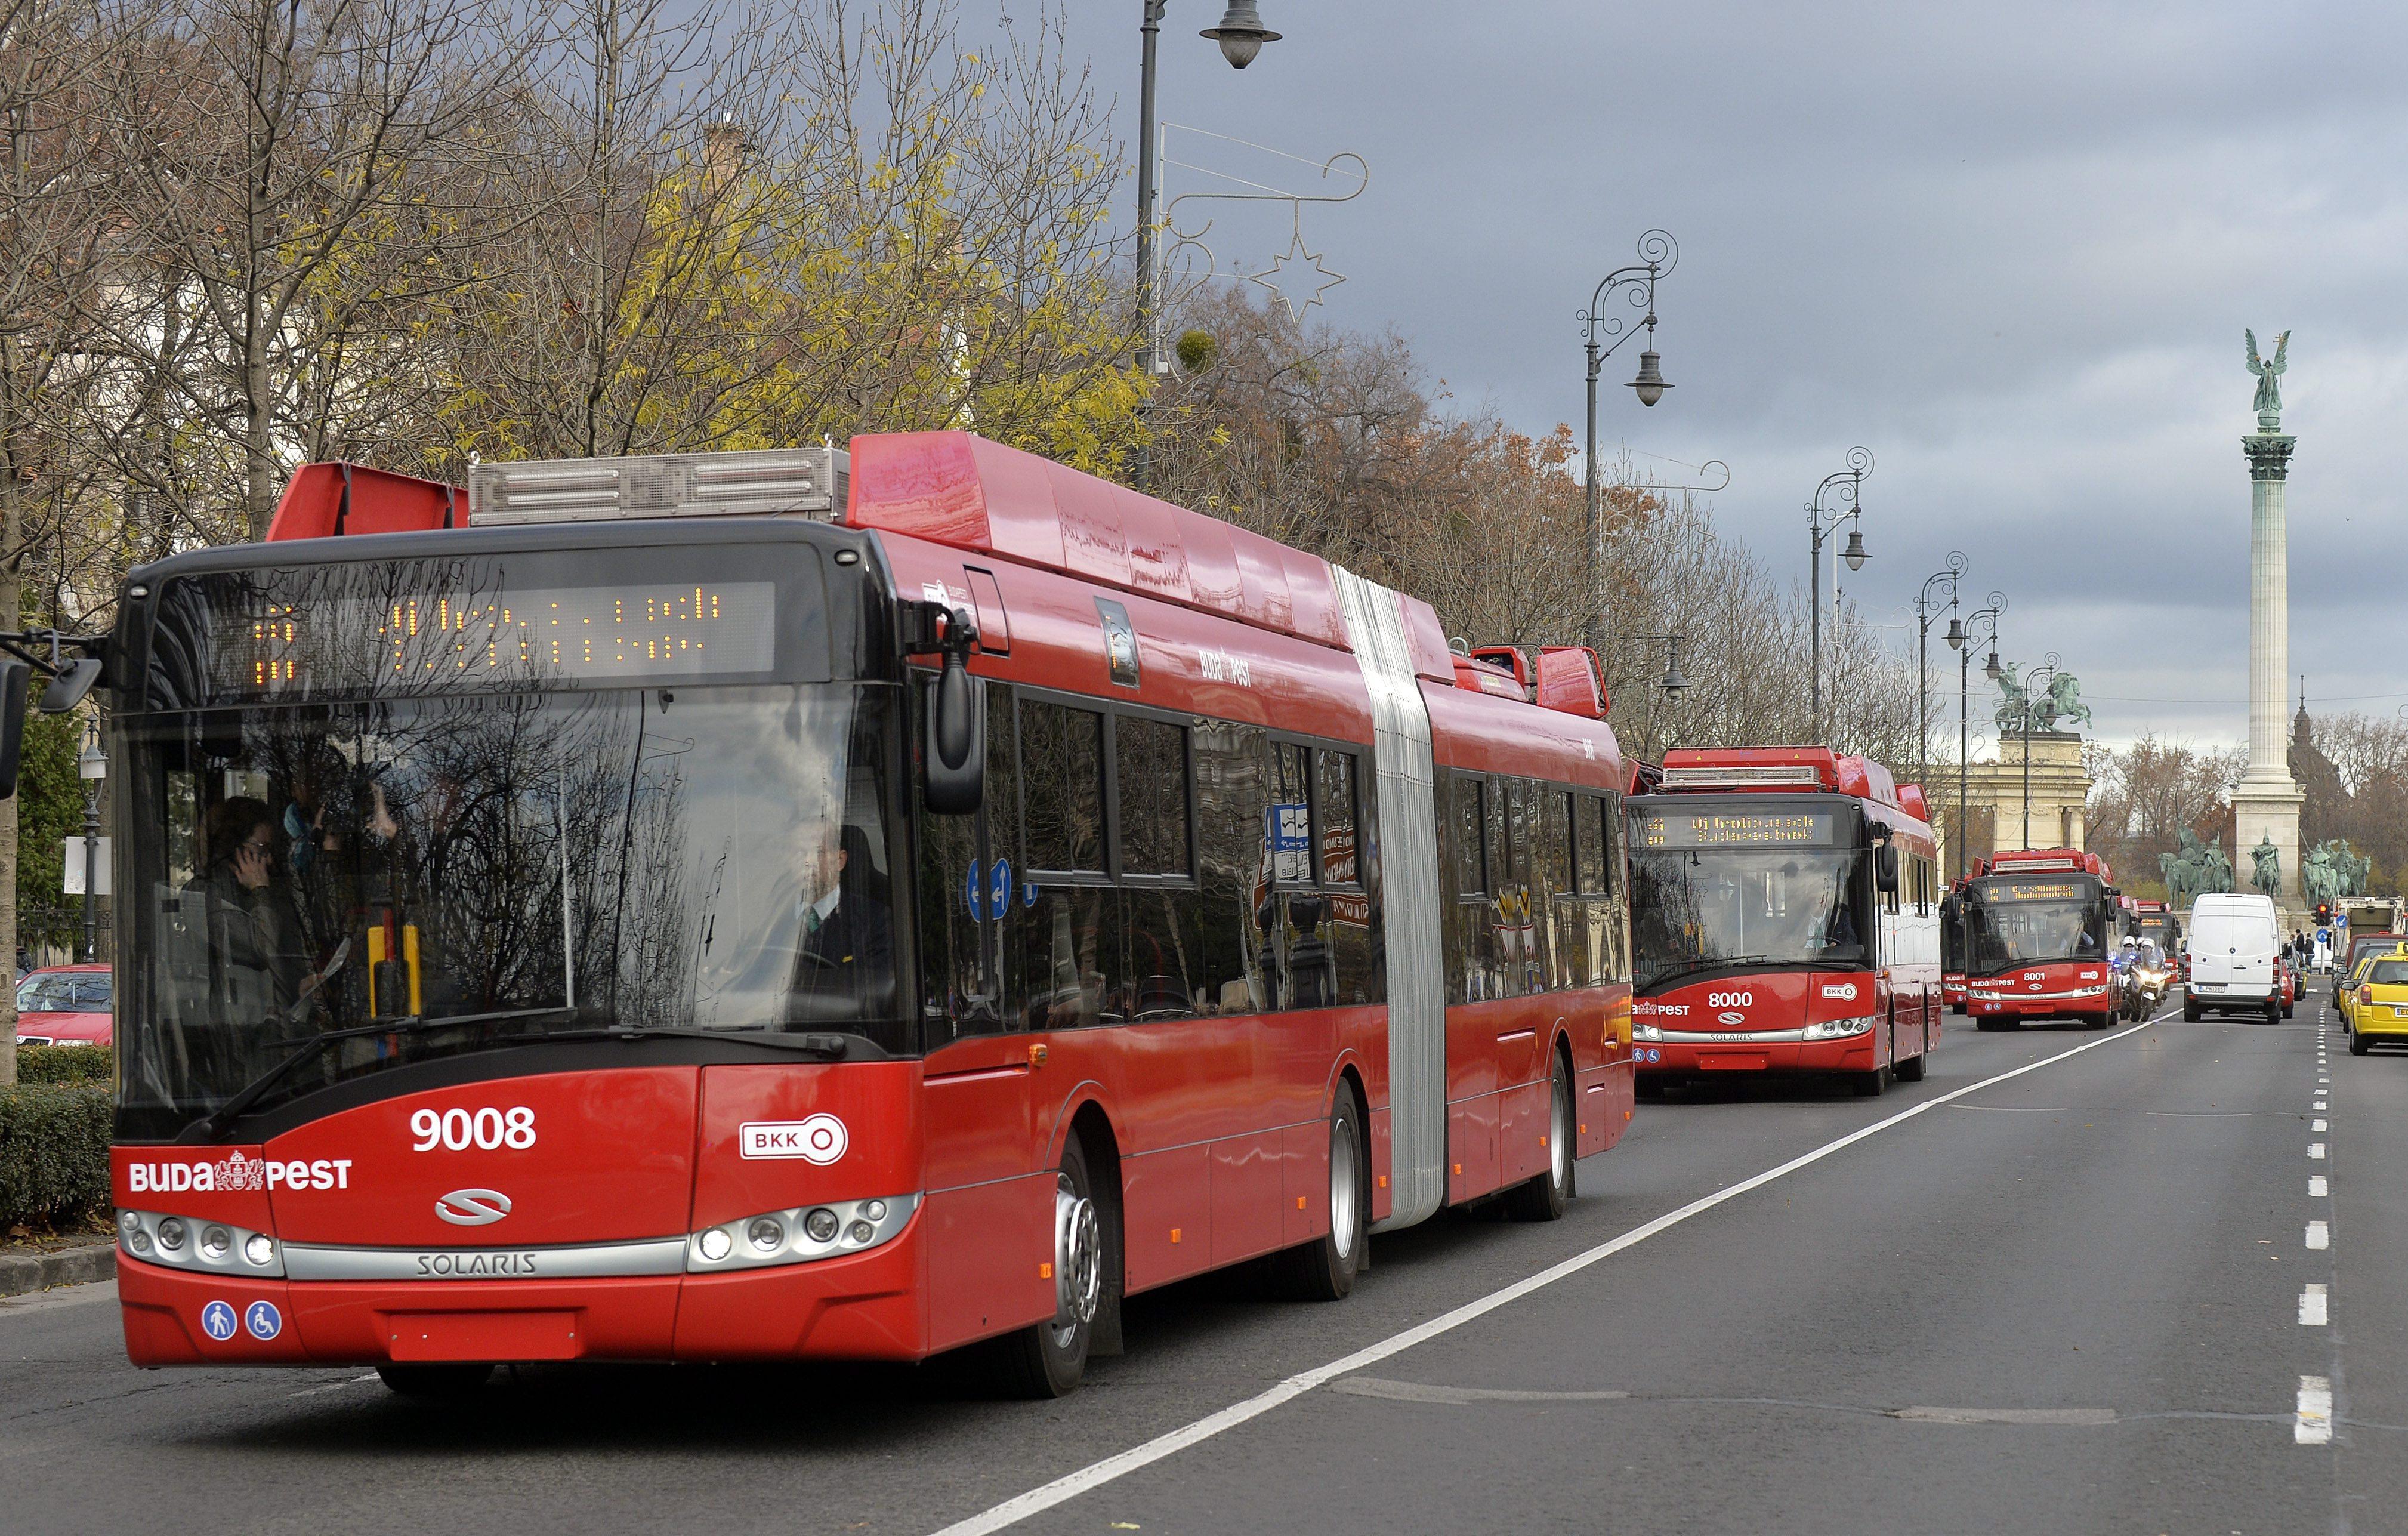 Aláírt a BKV: lengyel és magyar buszok érkezhetnek a hármas metró pótlására